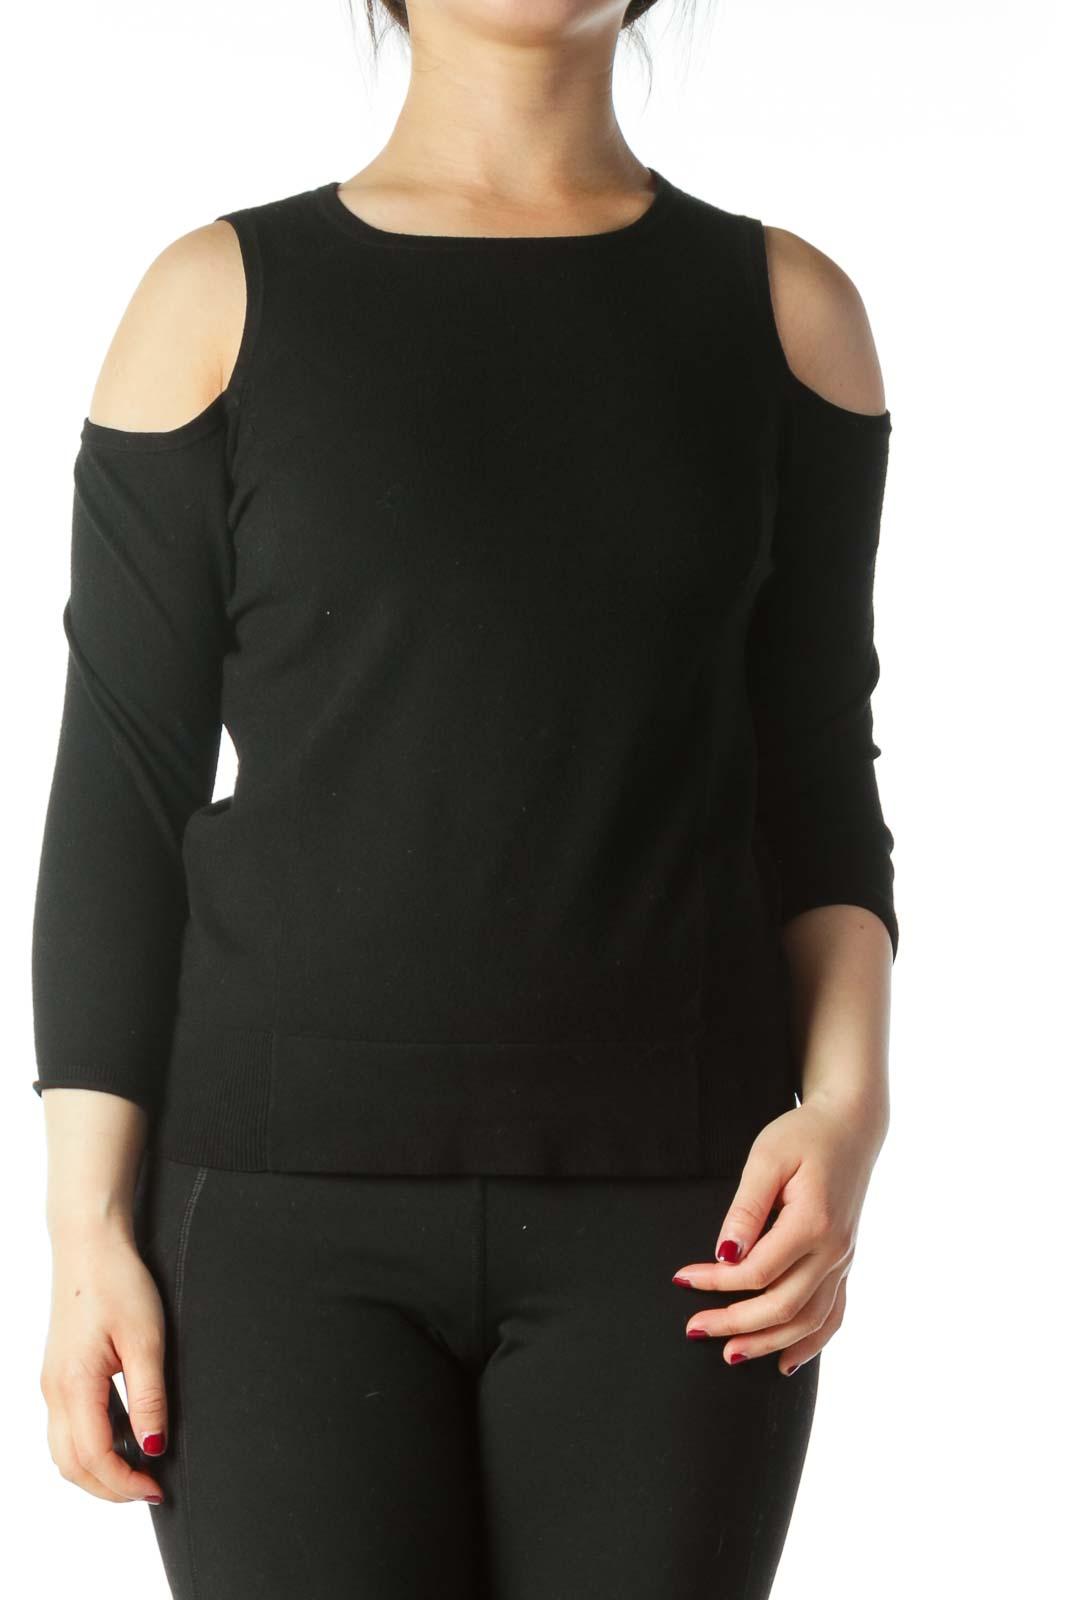 Black Cold-Shoulder Stretch 3/4 Sleeve Knit Top Front